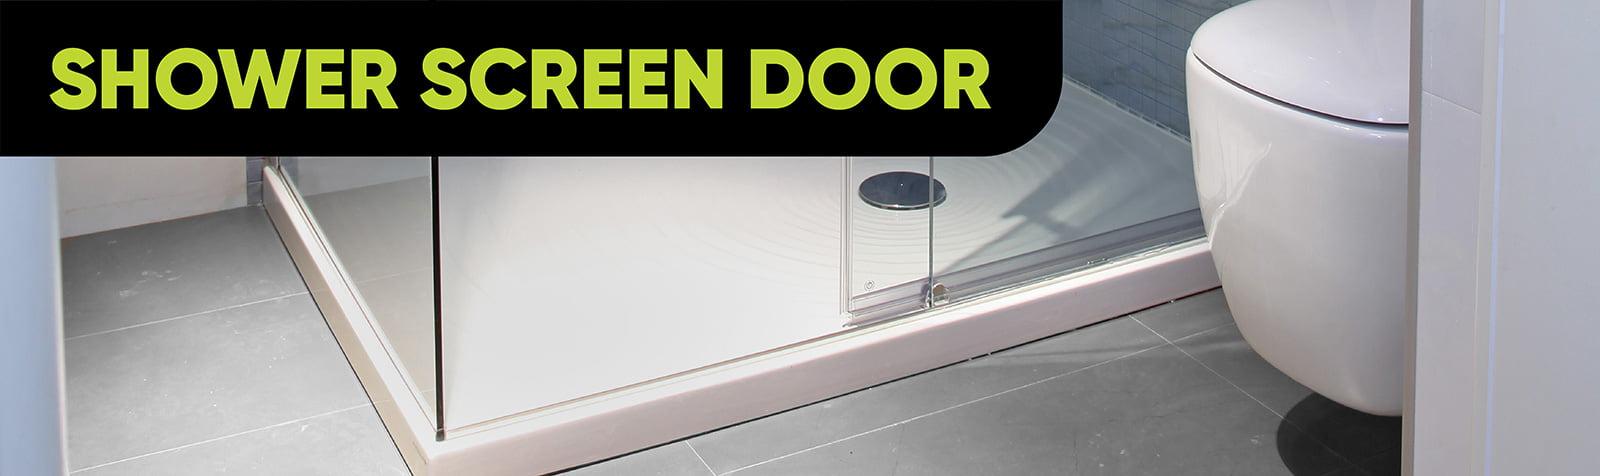 Door Hardware Shower Screen Door Category Banner